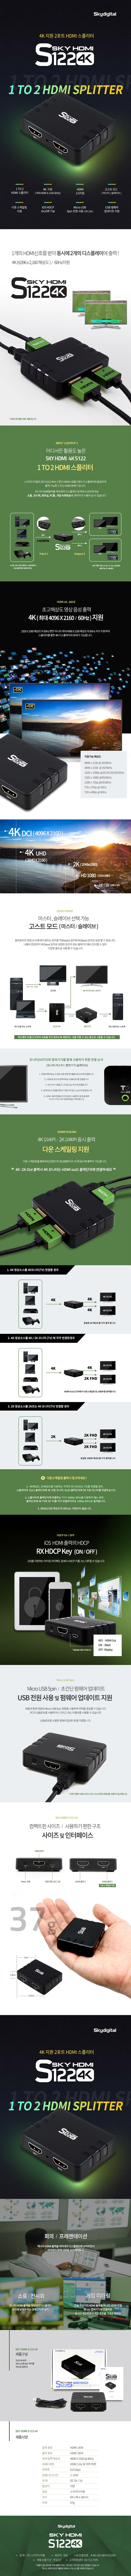 HDMI S122 4K 분배기 - 스카이디지탈, 73,000원, 프로젝터/스크린, 액세서리